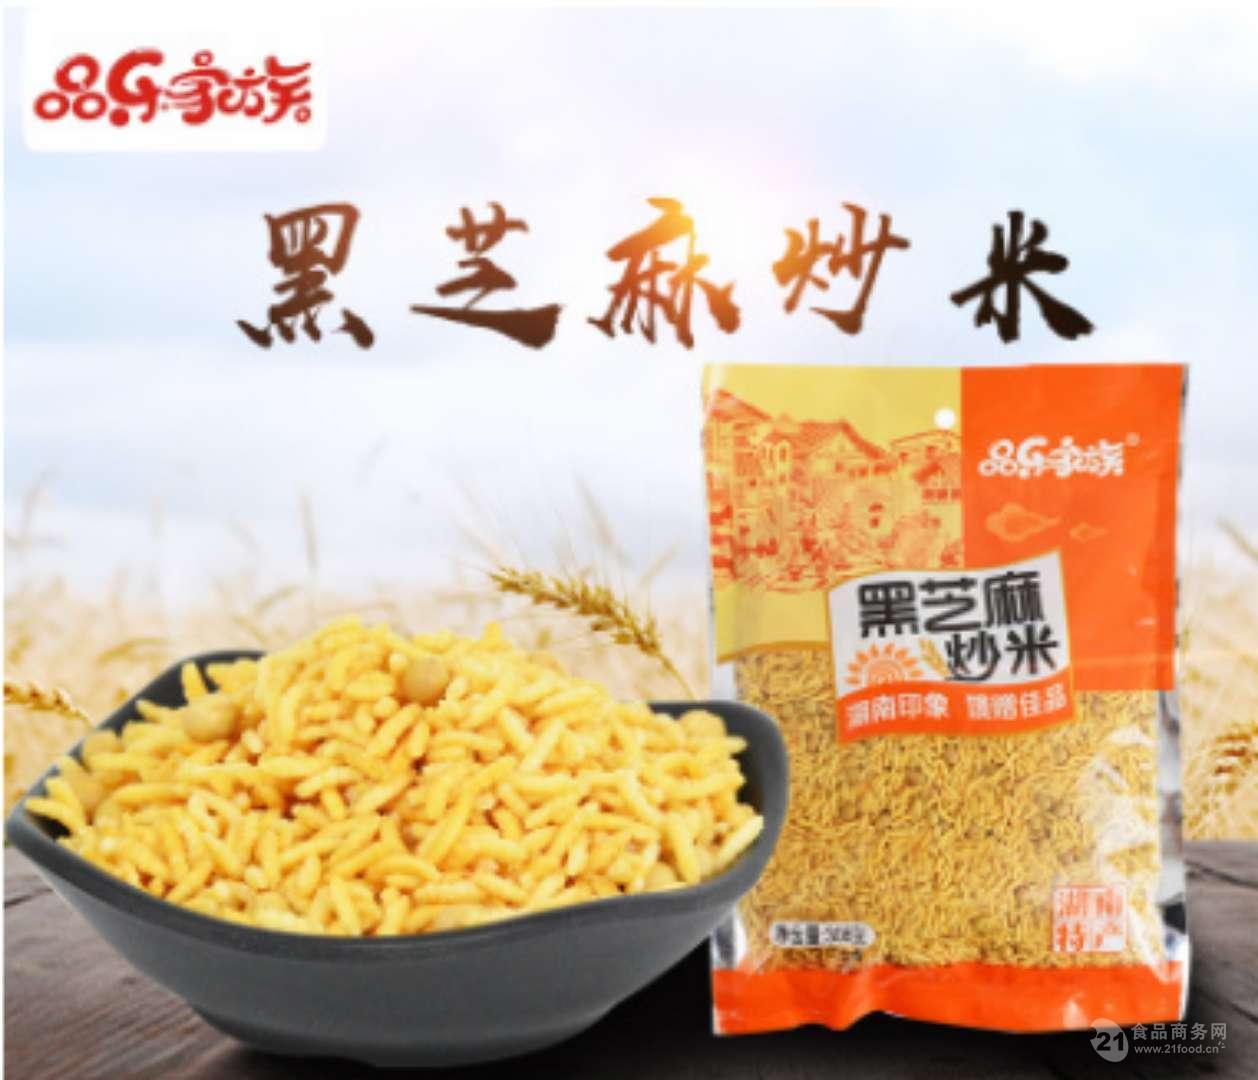 品乐家族黑芝麻炒米休闲炒货零食炒米礼包